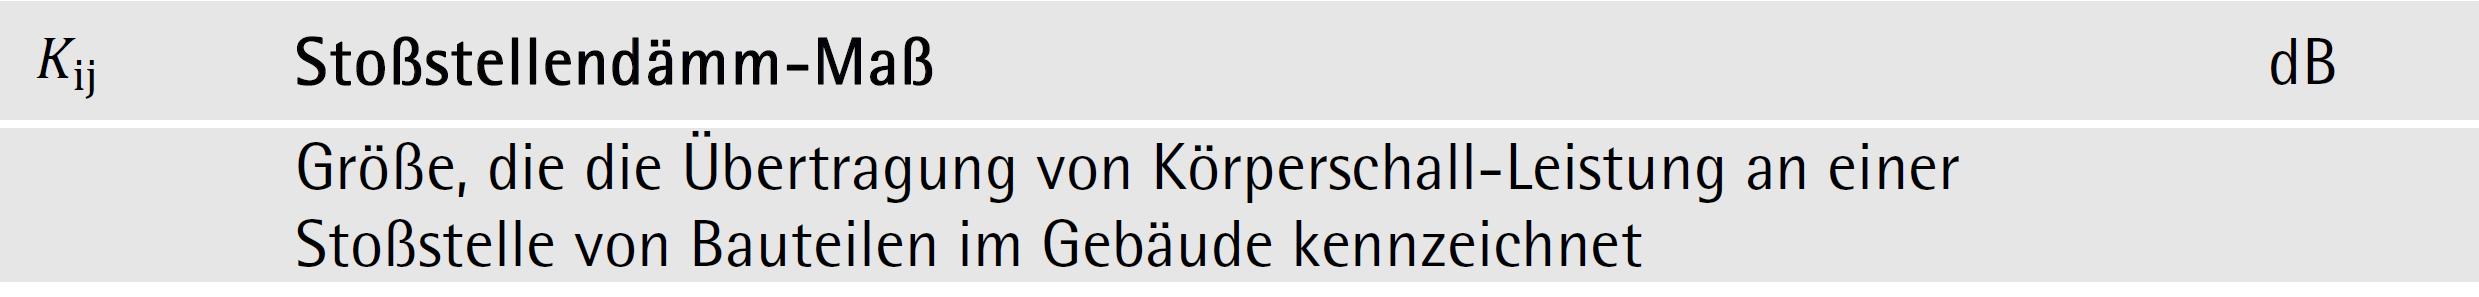 Beschreibung Schalldämm-Maß